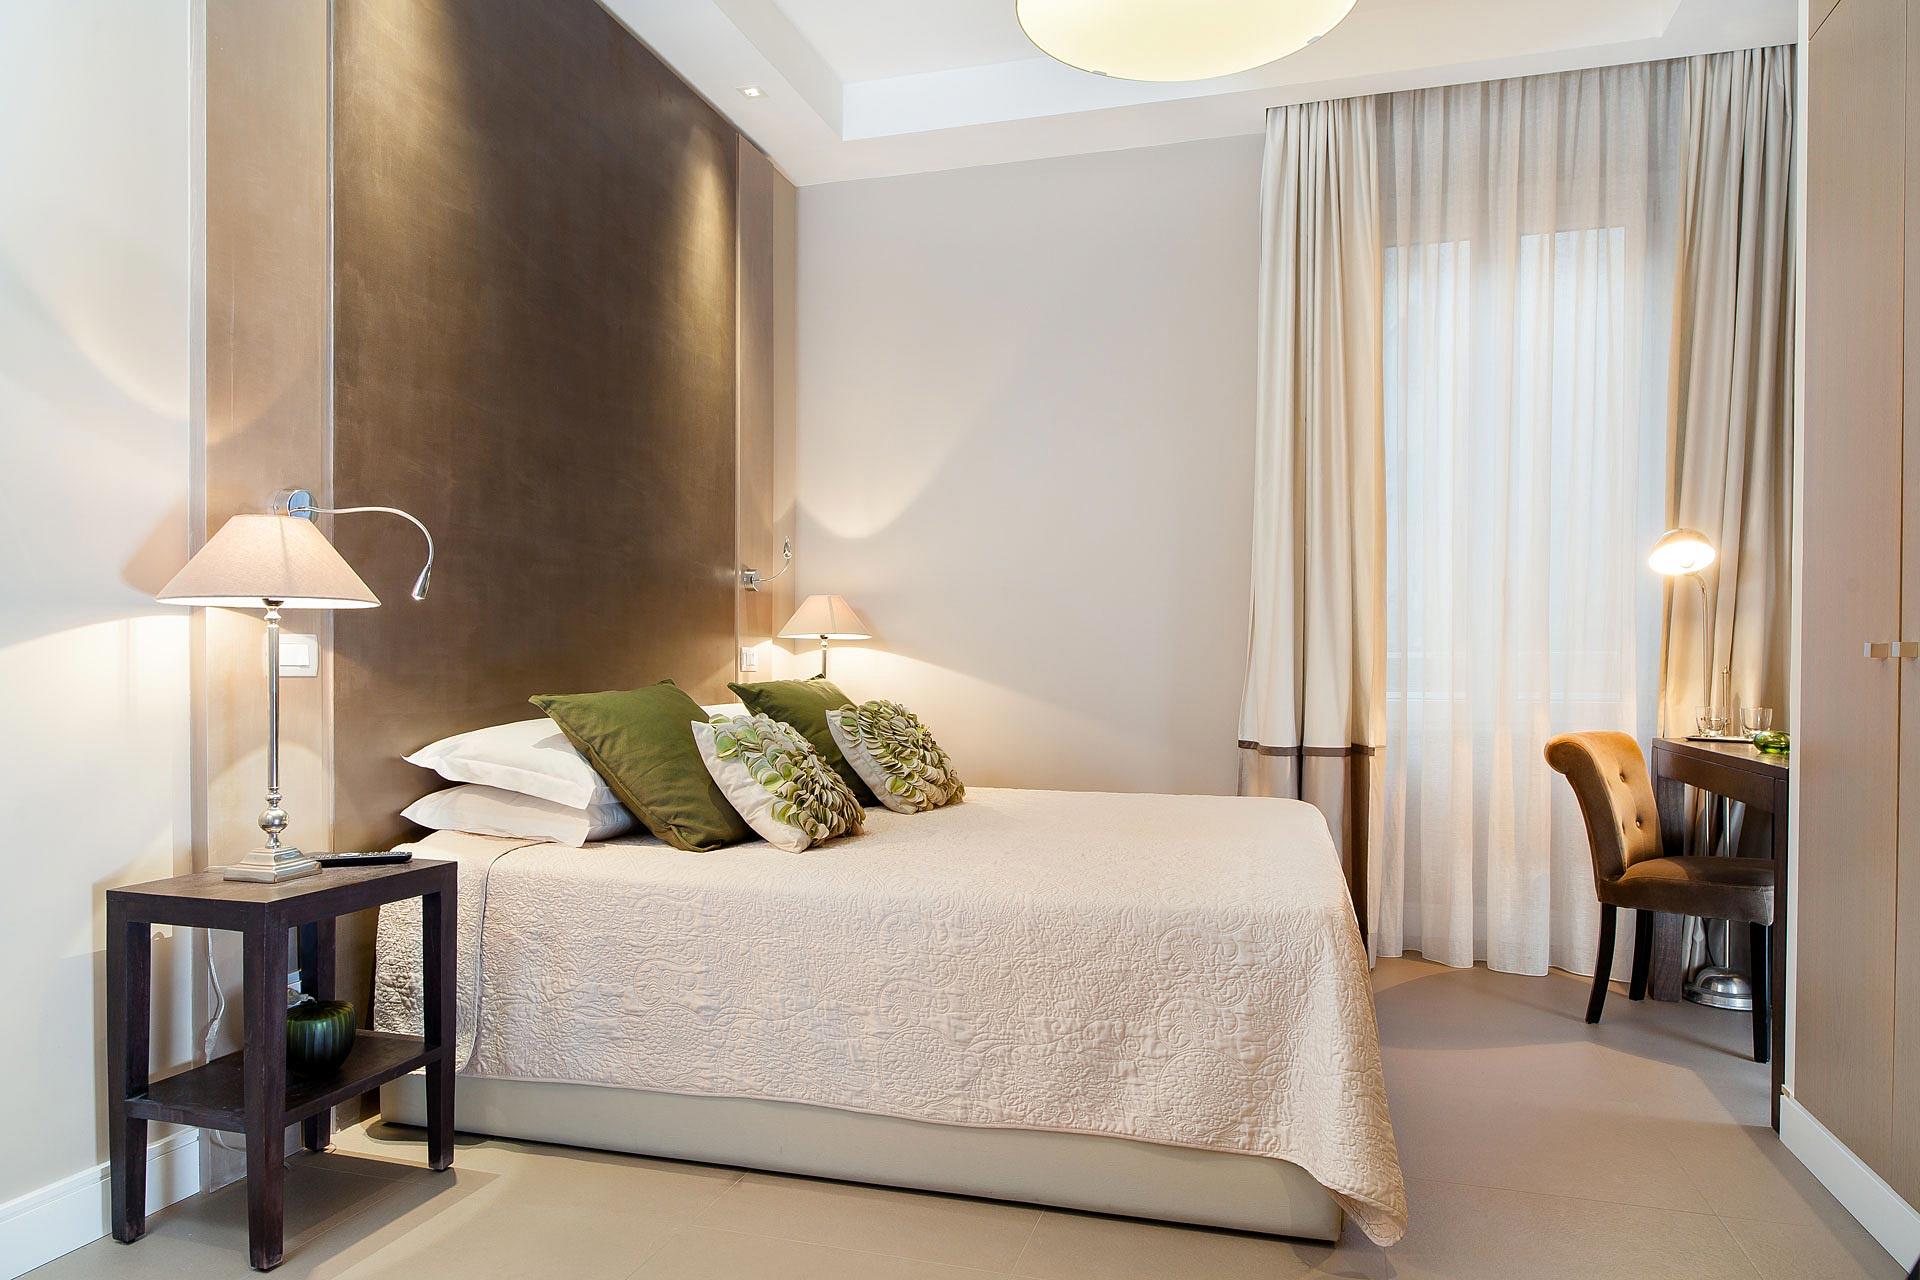 foto-albergo-roma-fotografo-architettura-interni-9